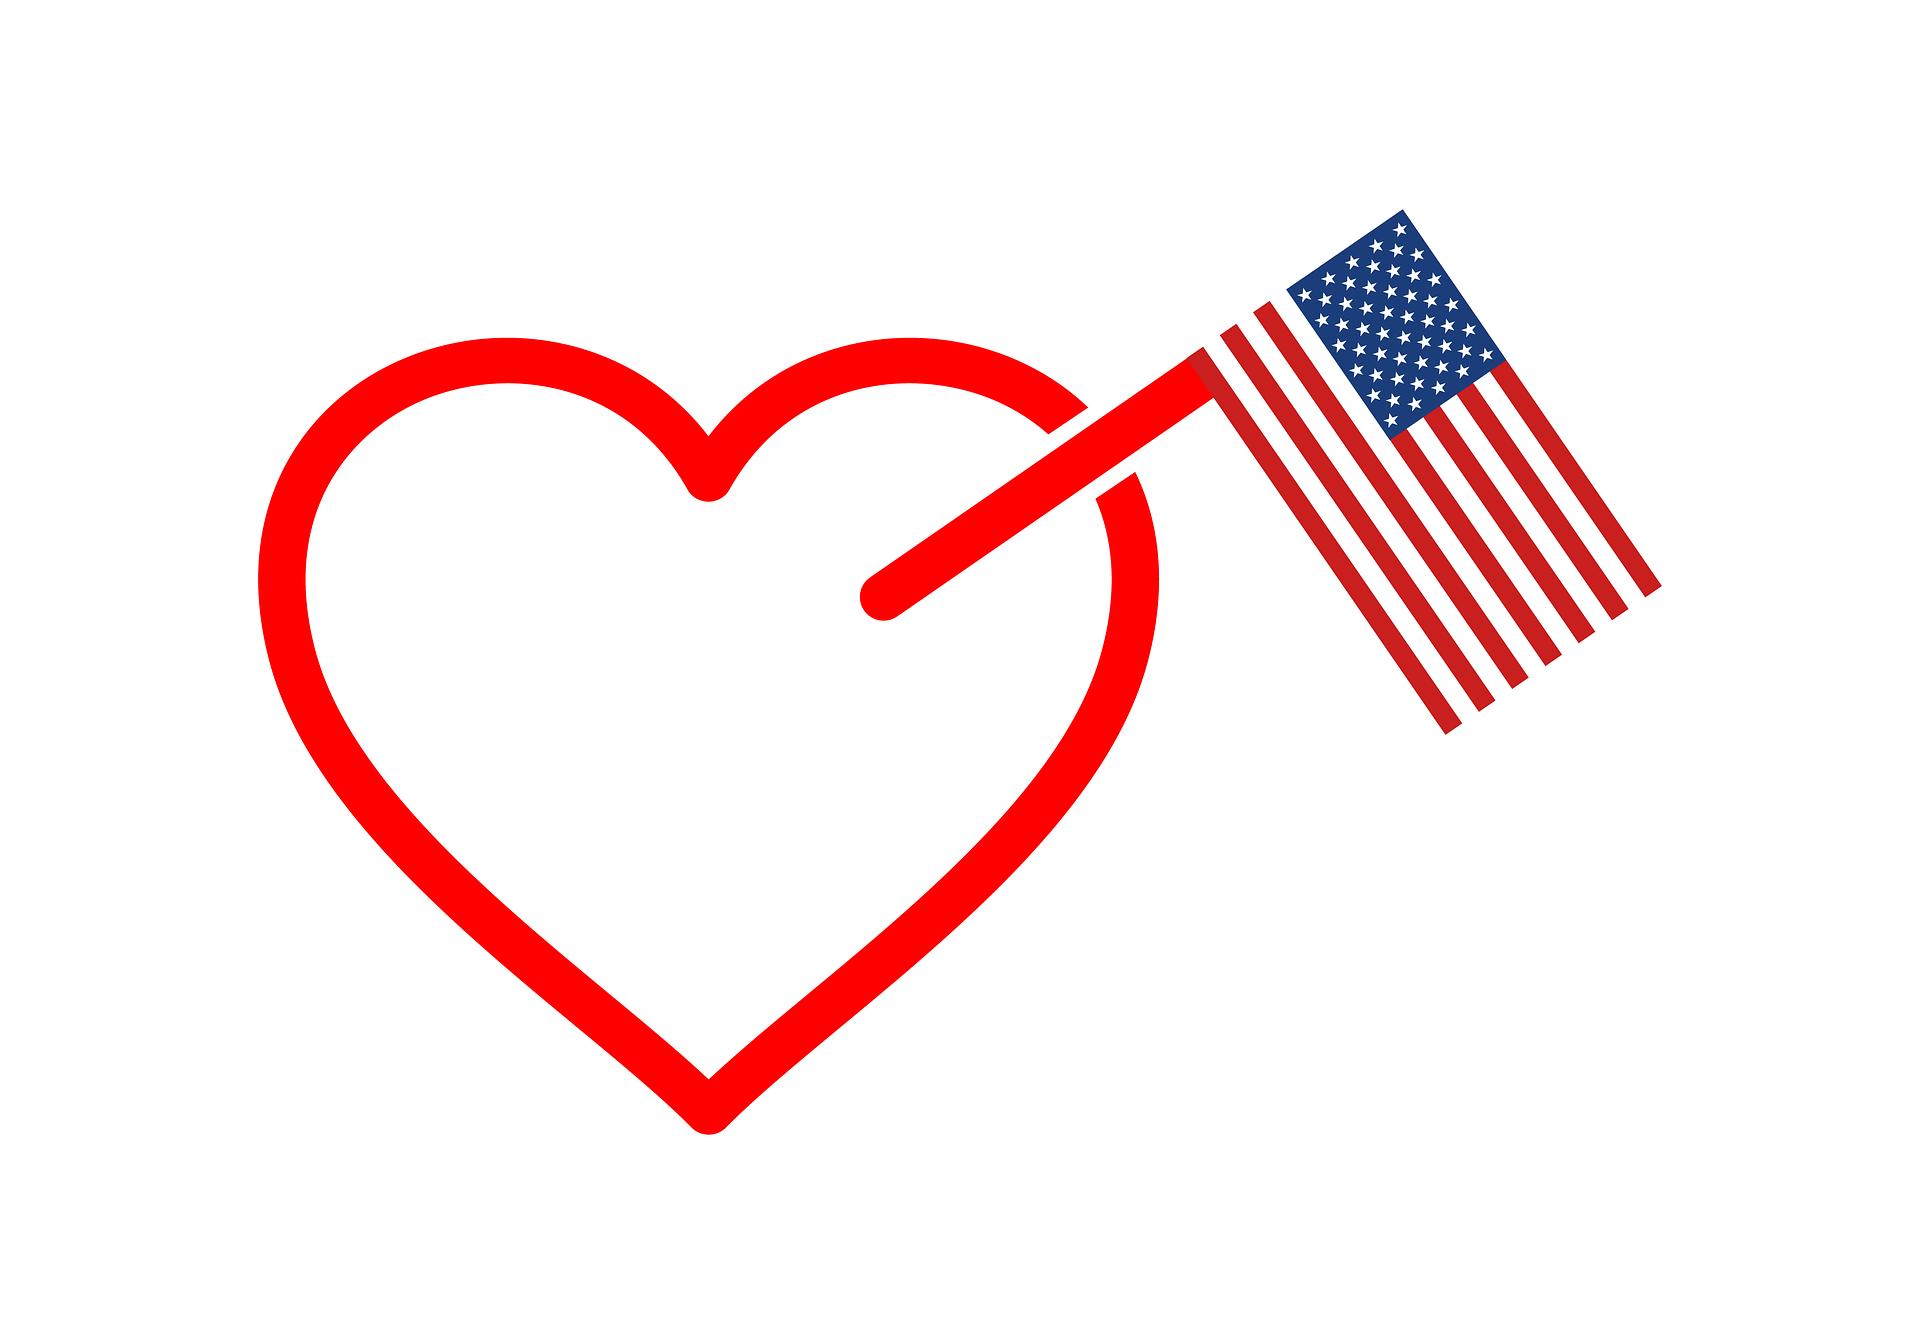 الزواج في امريكا